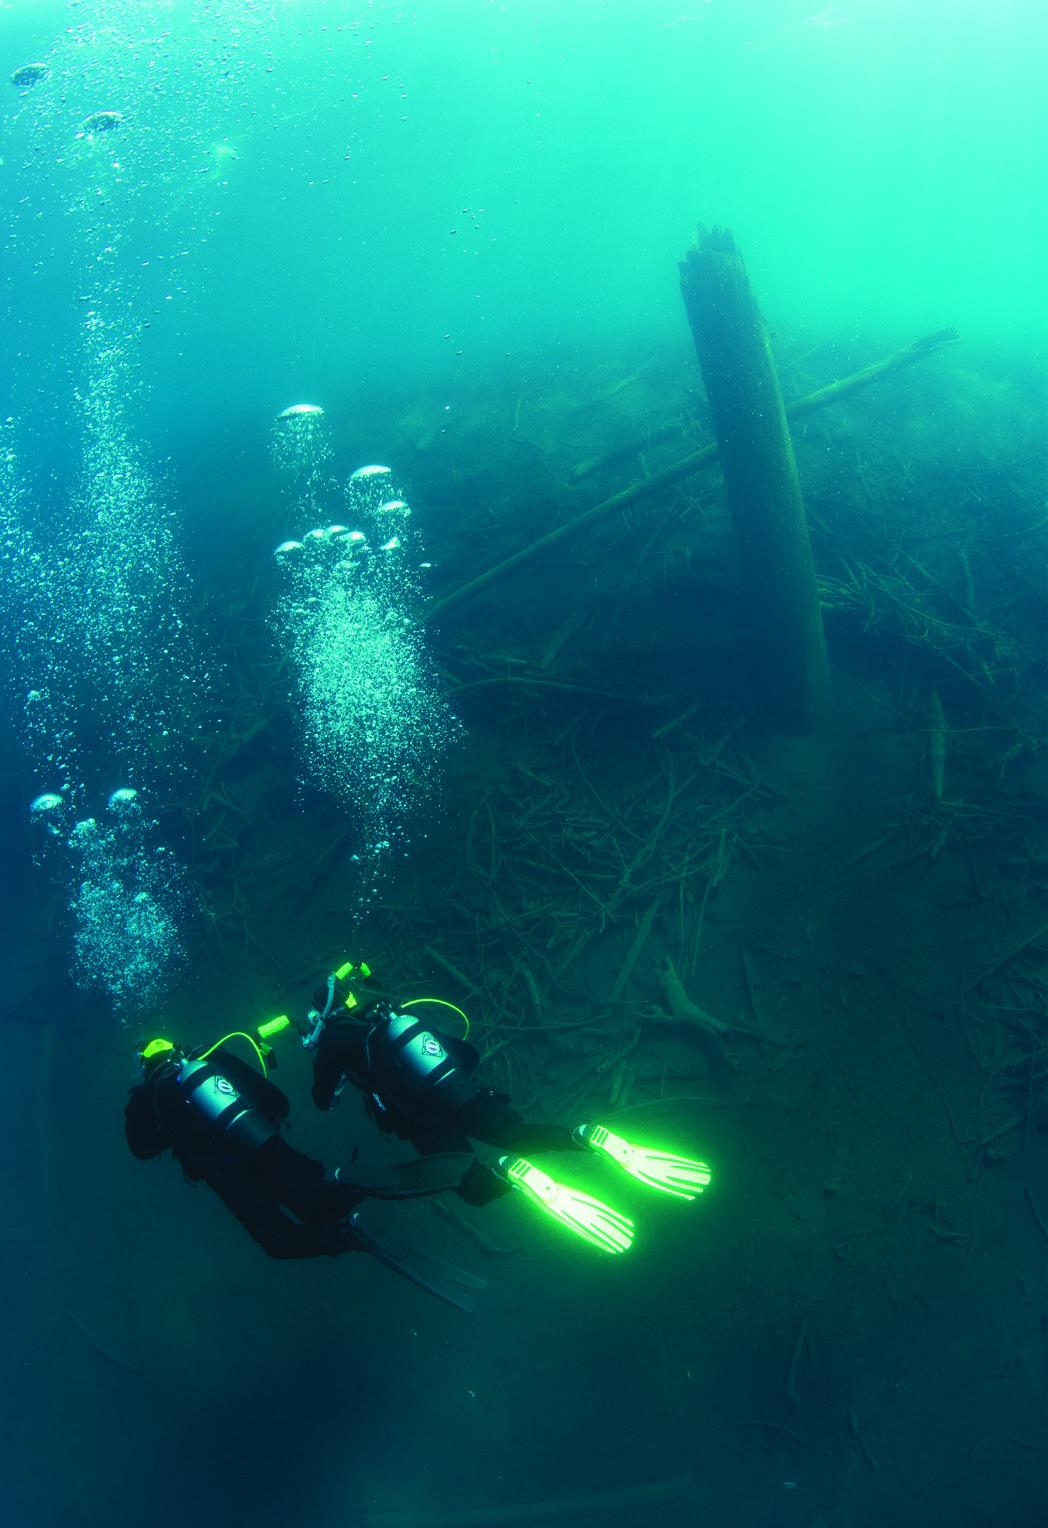 explore underwater in our region